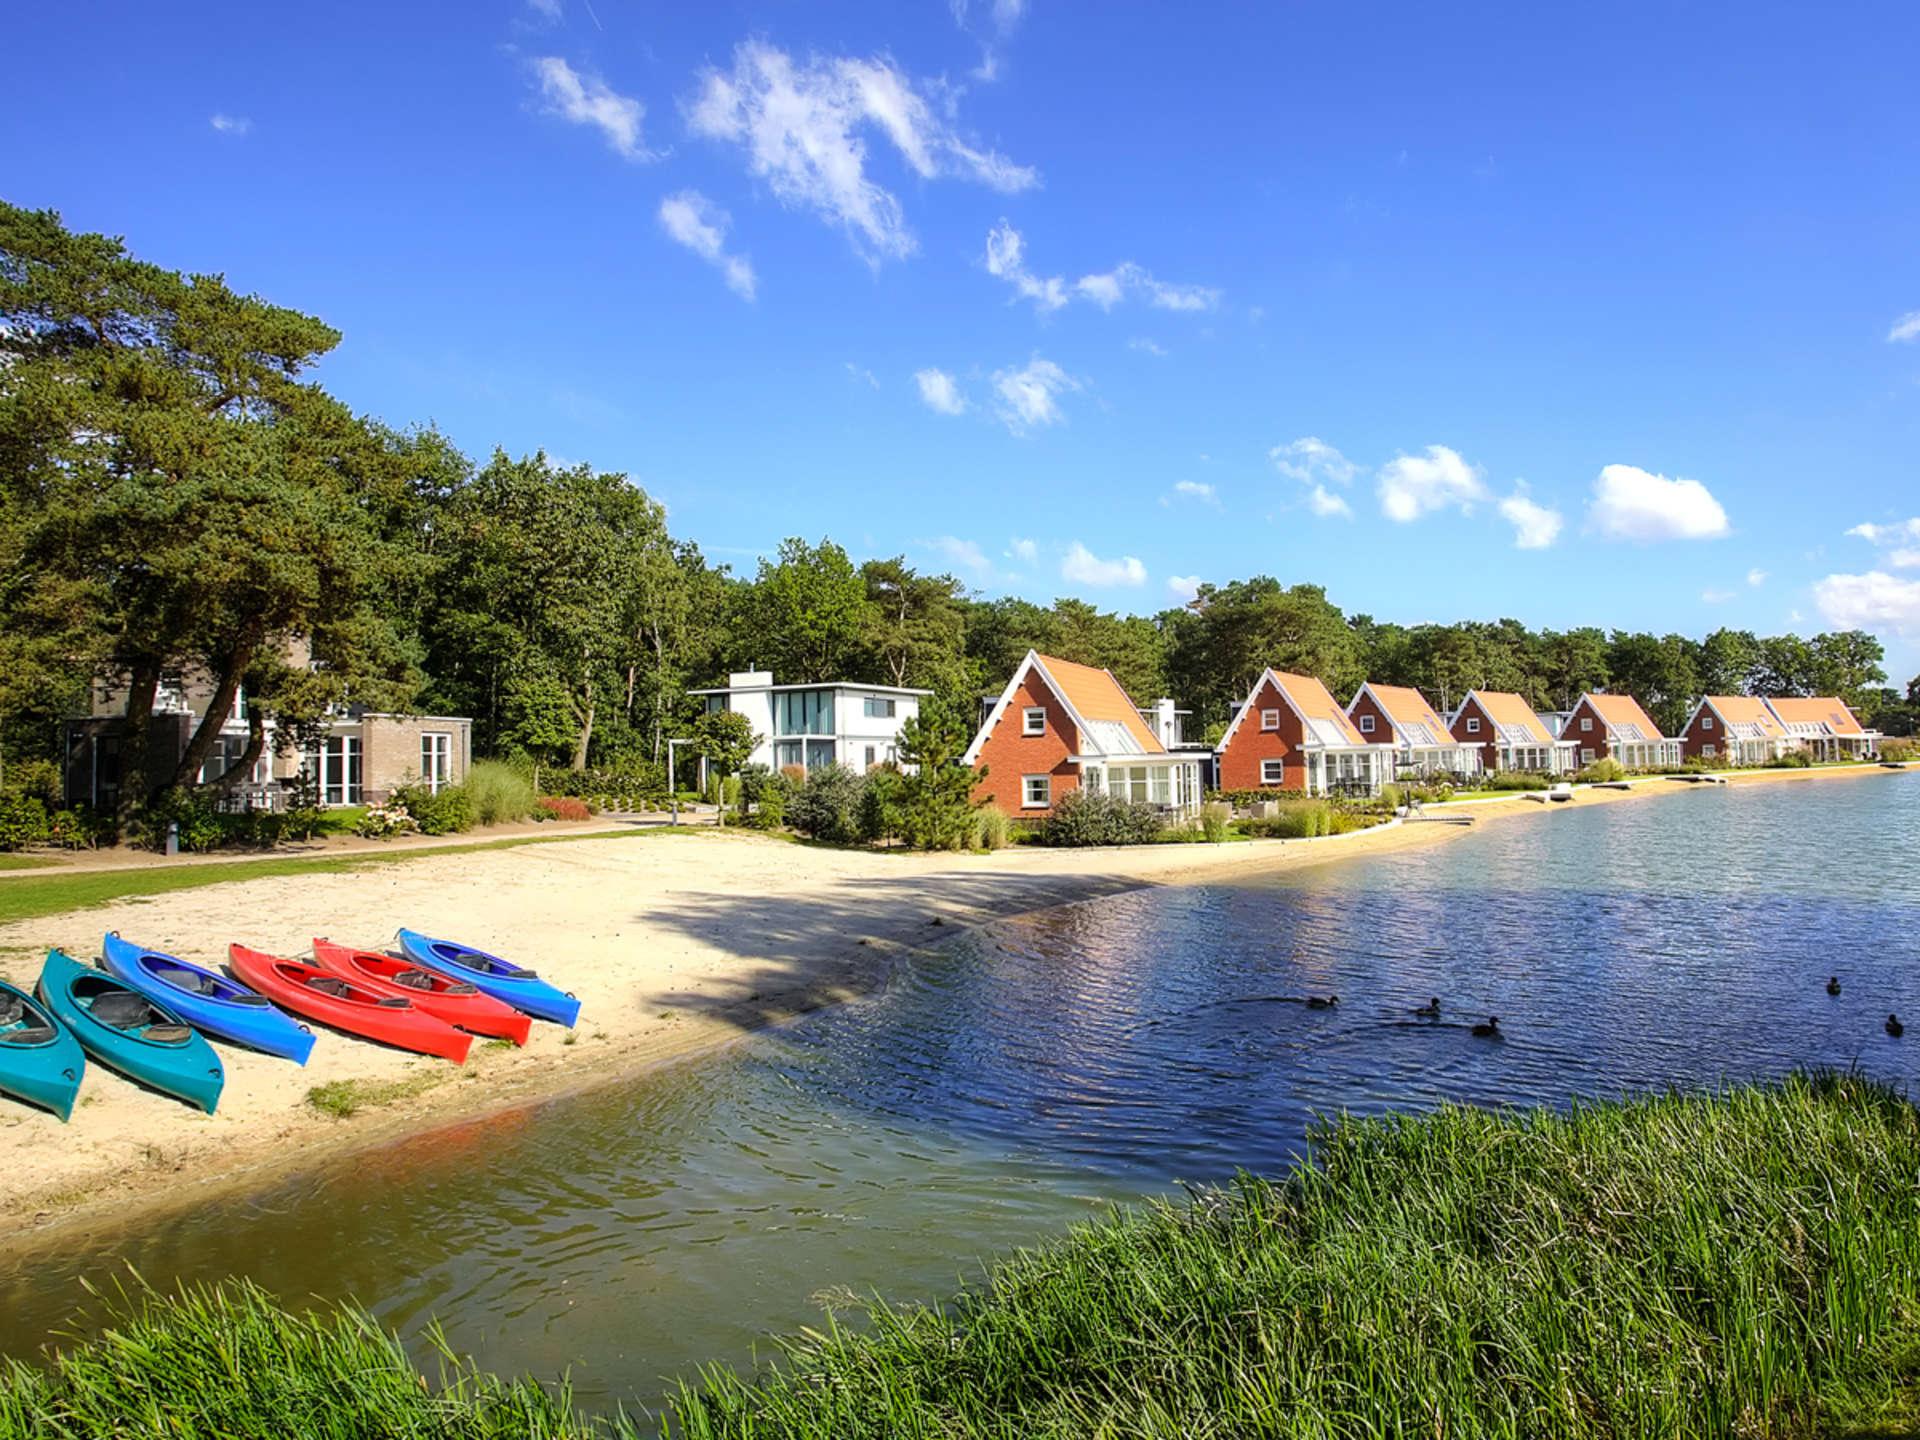 header-canoes-villas-water-europarcs-de-zanding